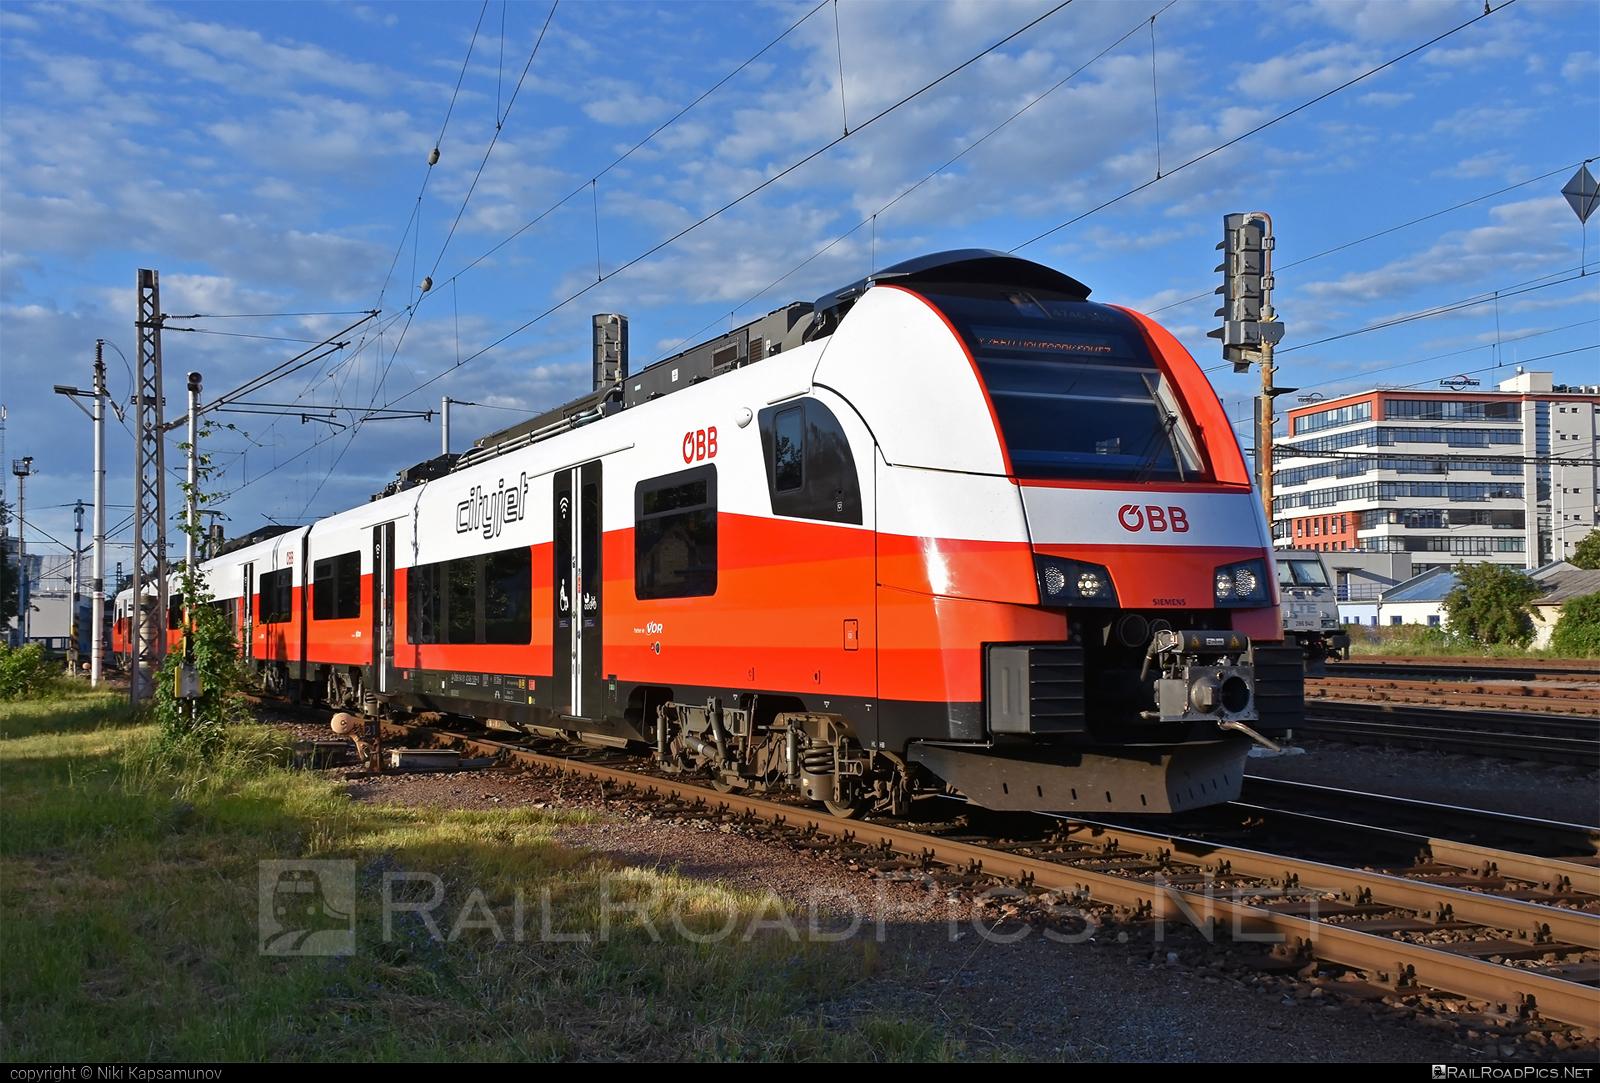 Siemens Desiro ML - 4746 509 operated by Österreichische Bundesbahnen #cityjet #desiro #desiroml #obb #obbcityjet #osterreichischebundesbahnen #siemens #siemensdesiro #siemensdesiroml